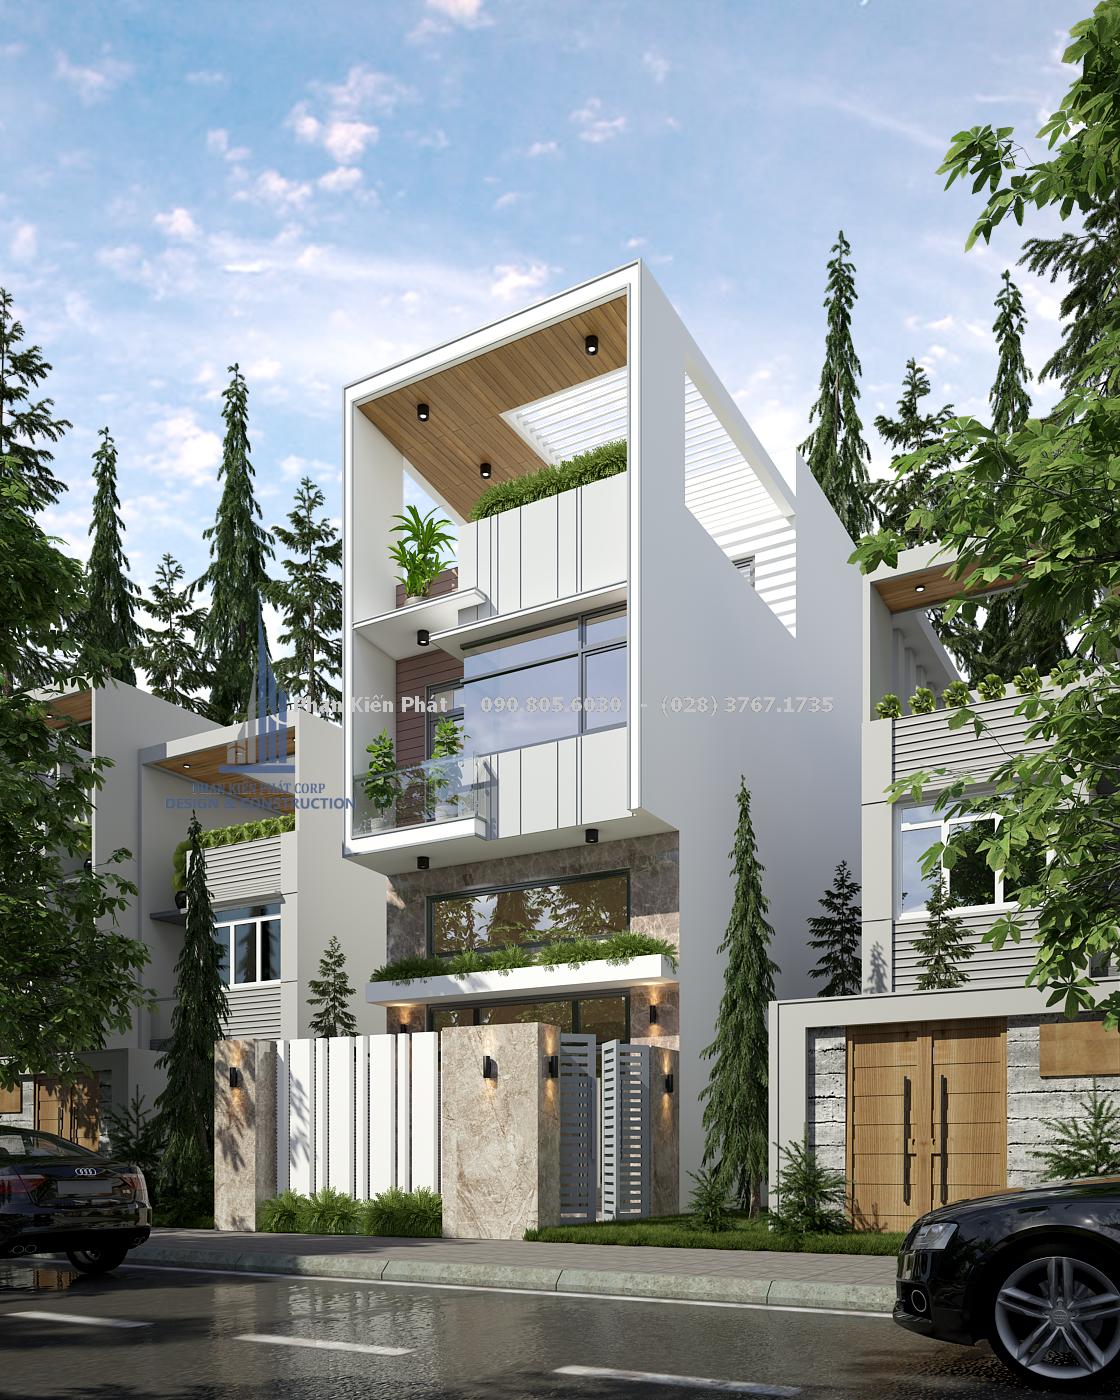 Thiết kế nhà phố đẹp lệch tầng Ap Dung Giai Phap Lay Sang Nhu Gieng Troitkxdnd 2